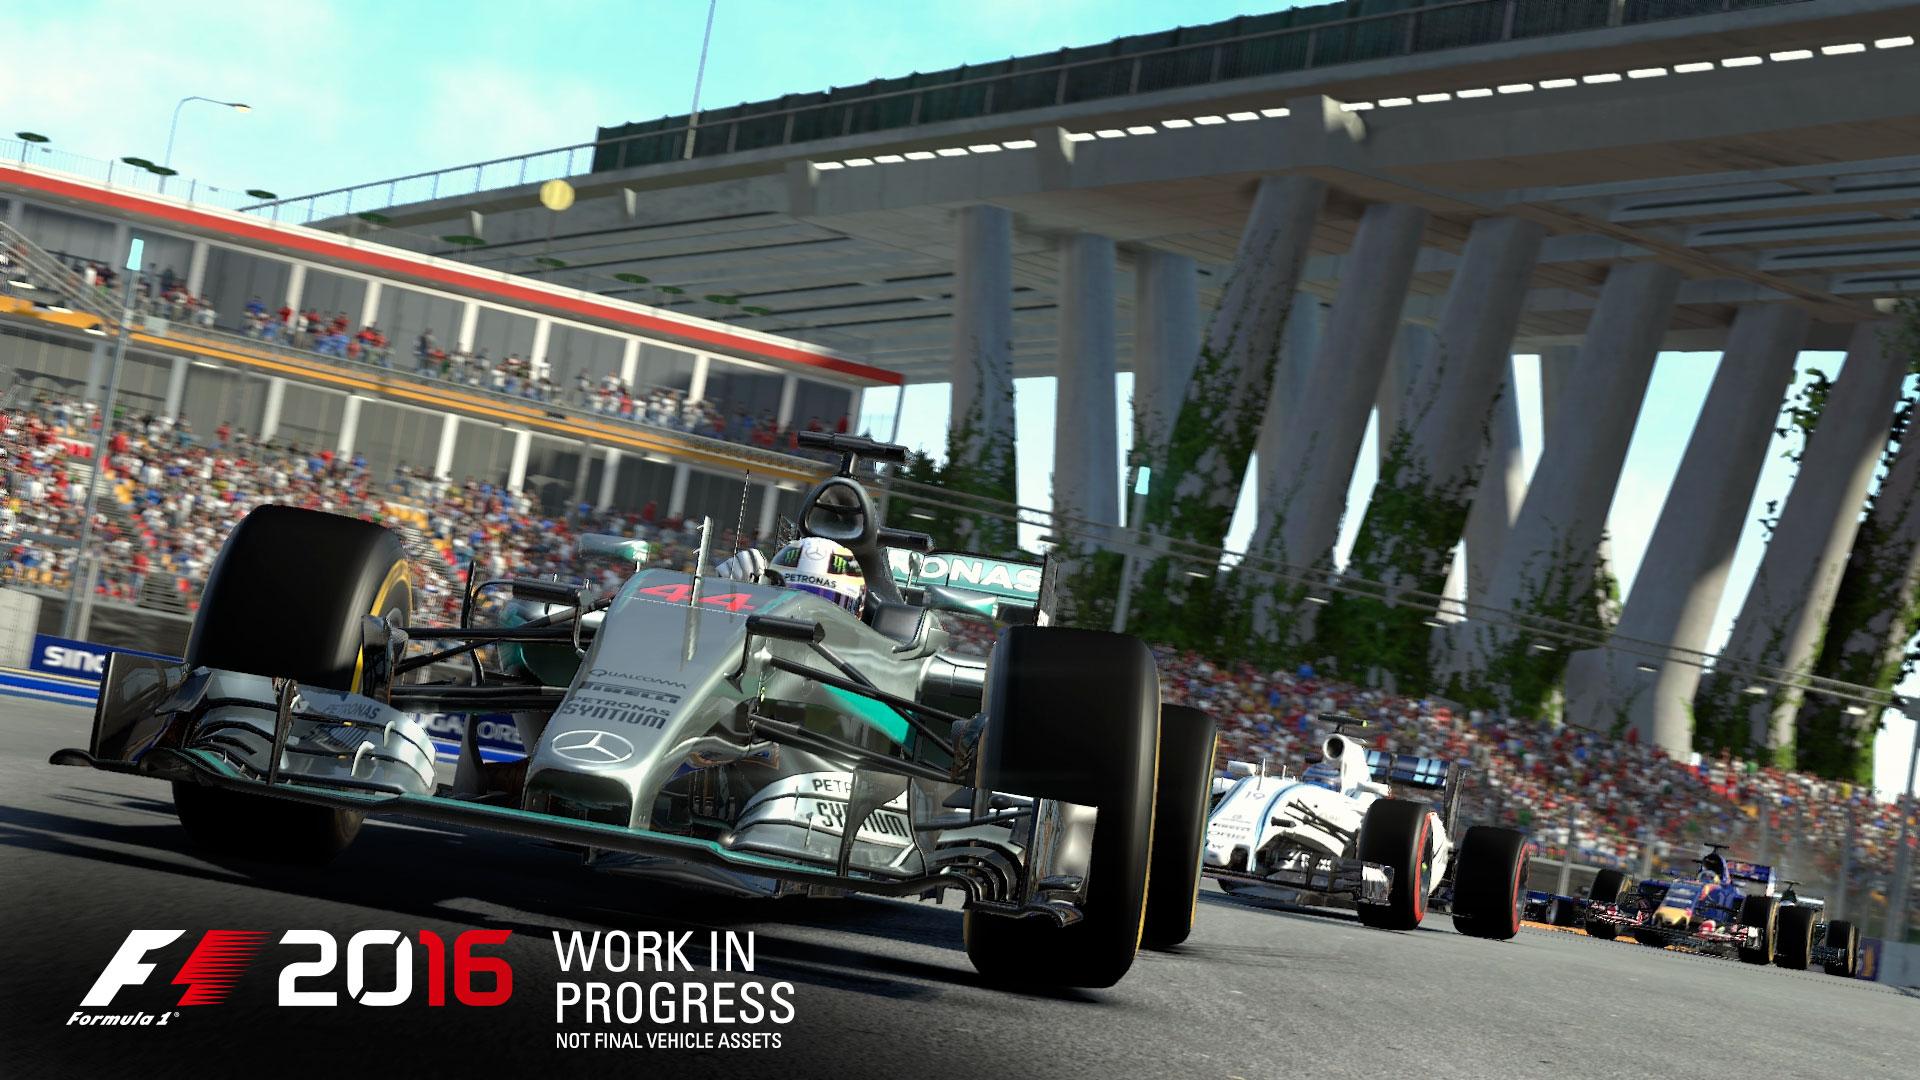 F1 2016 - game screen - Mercedes-AMG